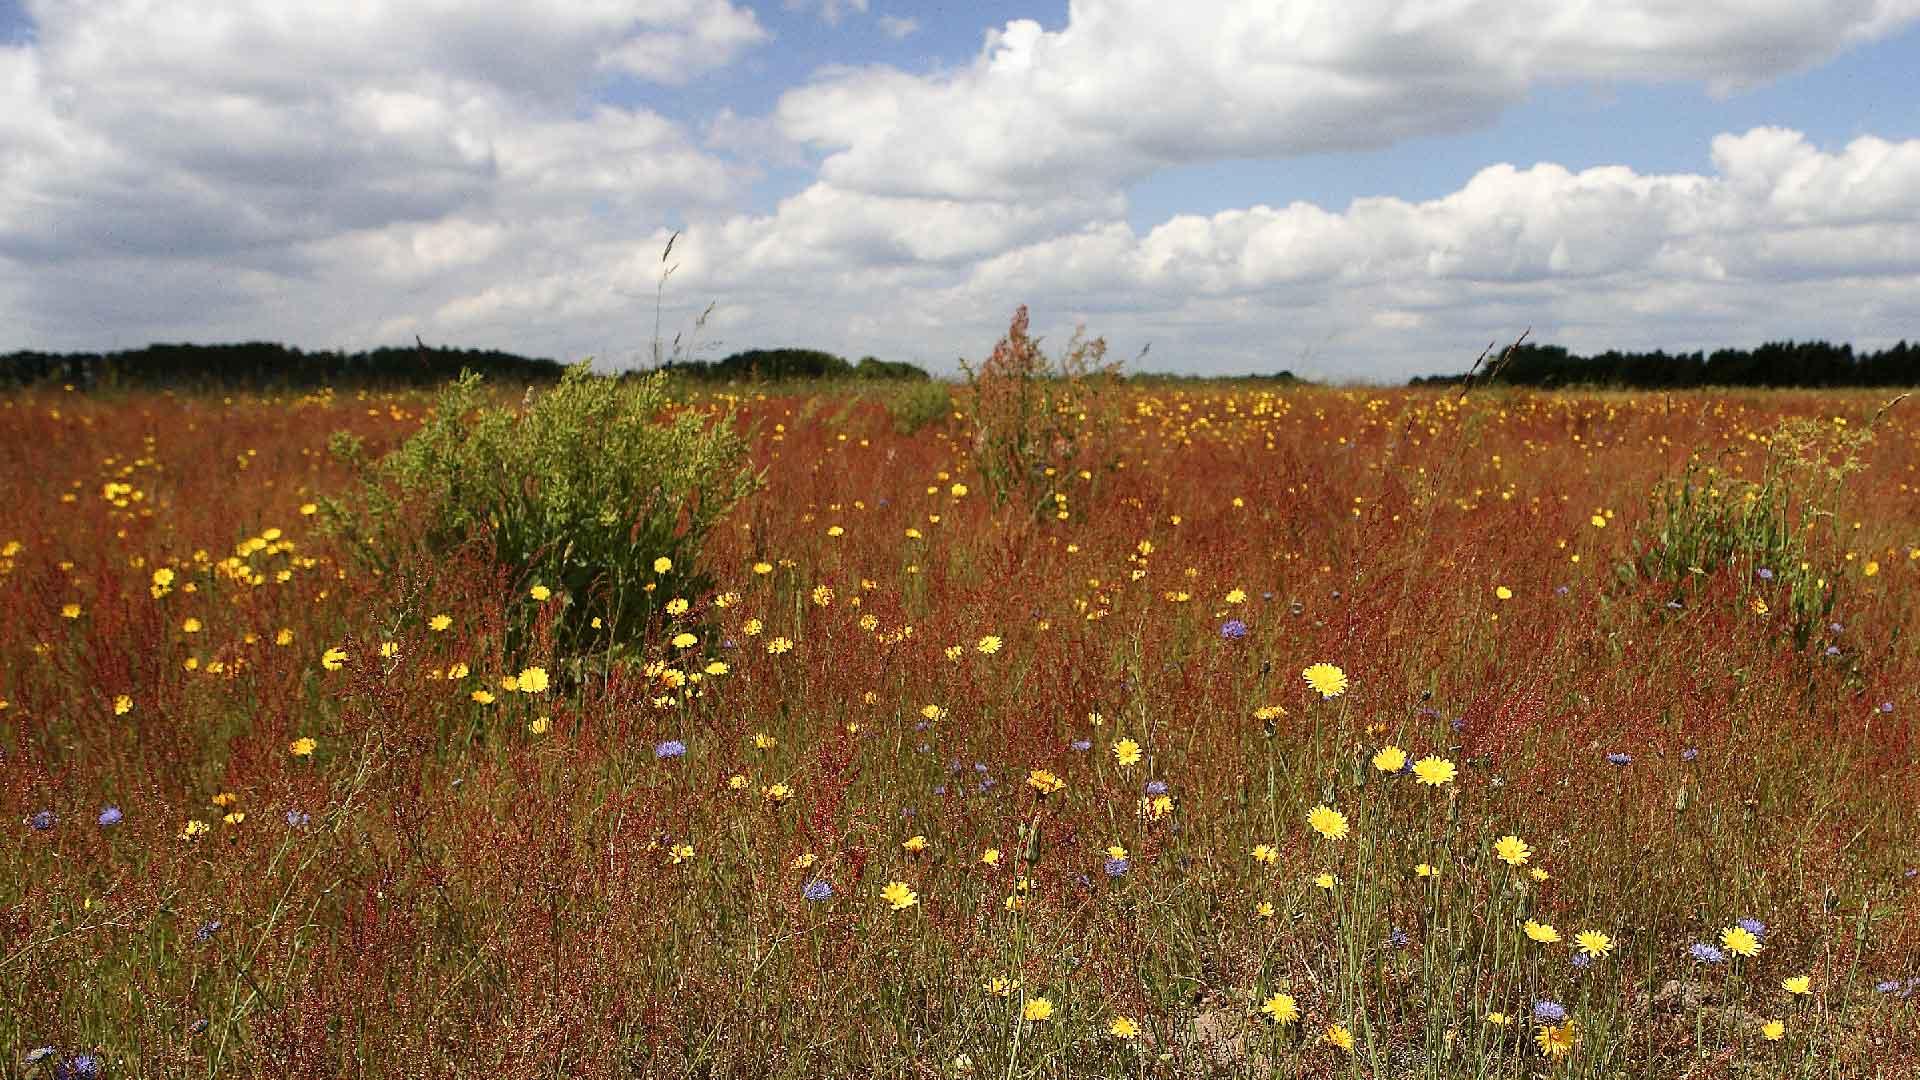 Sånnarna blommar i gult, rött och blått. Foto: Patrik Olofsson/N